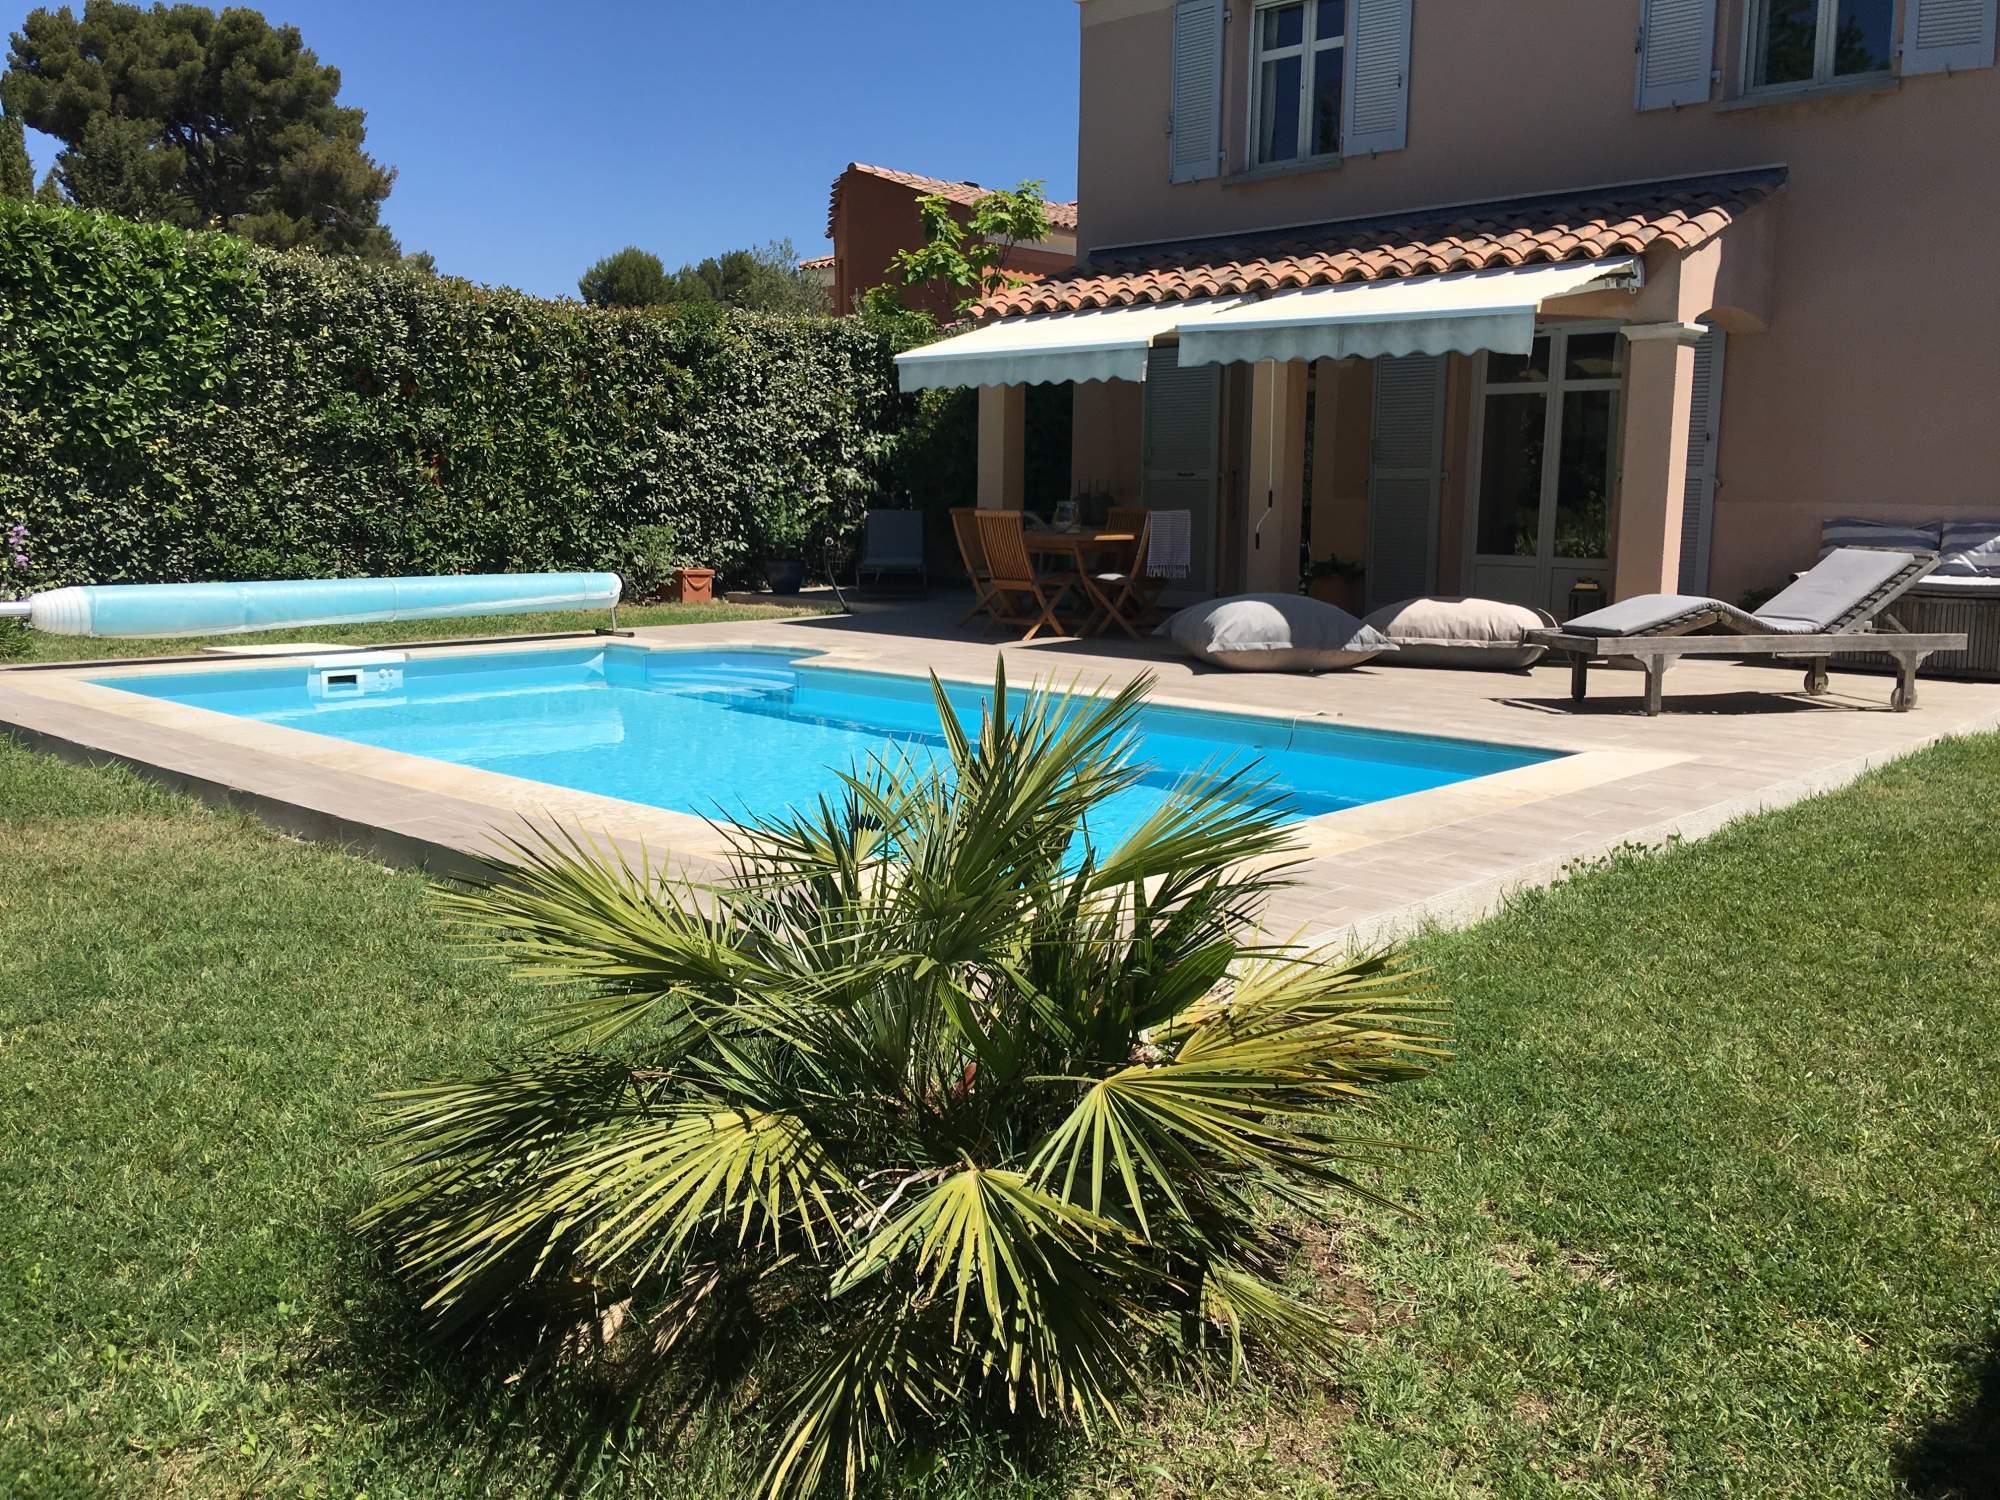 Imitation bois pour terrasse carrelage int rieur et ext rieur eguilles salle bain cuisine - Peut on se baigner pendant la filtration de la piscine ...